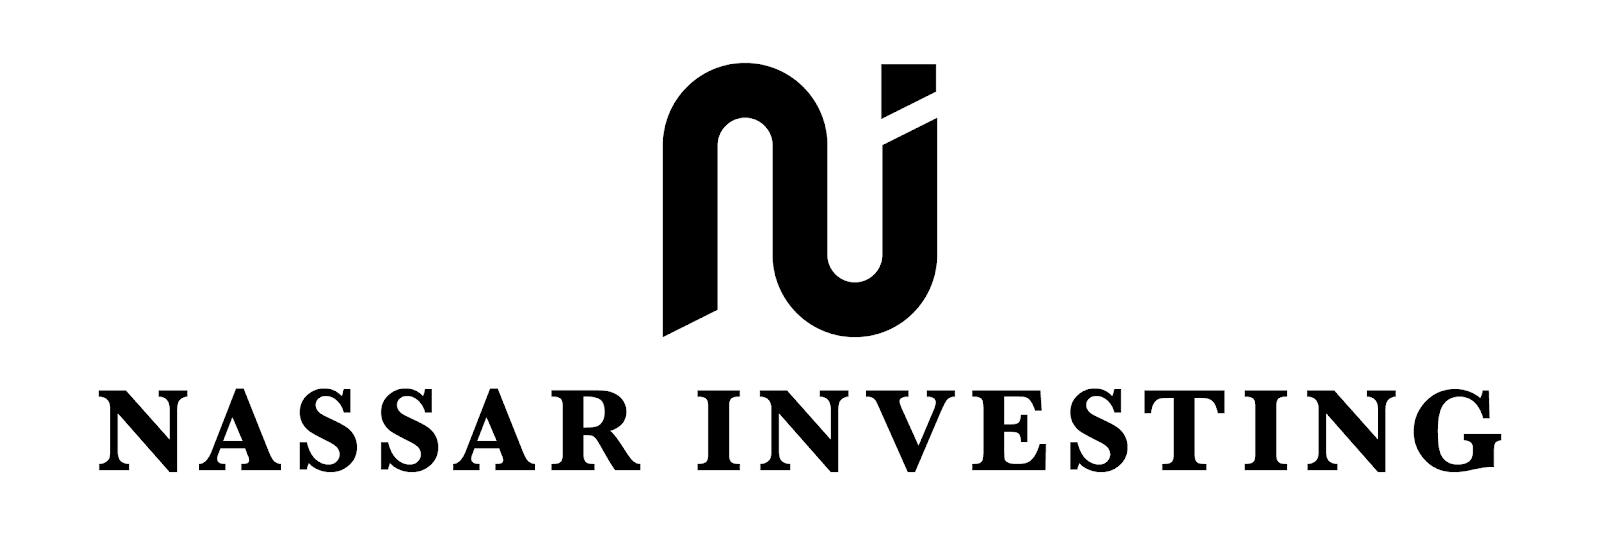 NassarInvesting